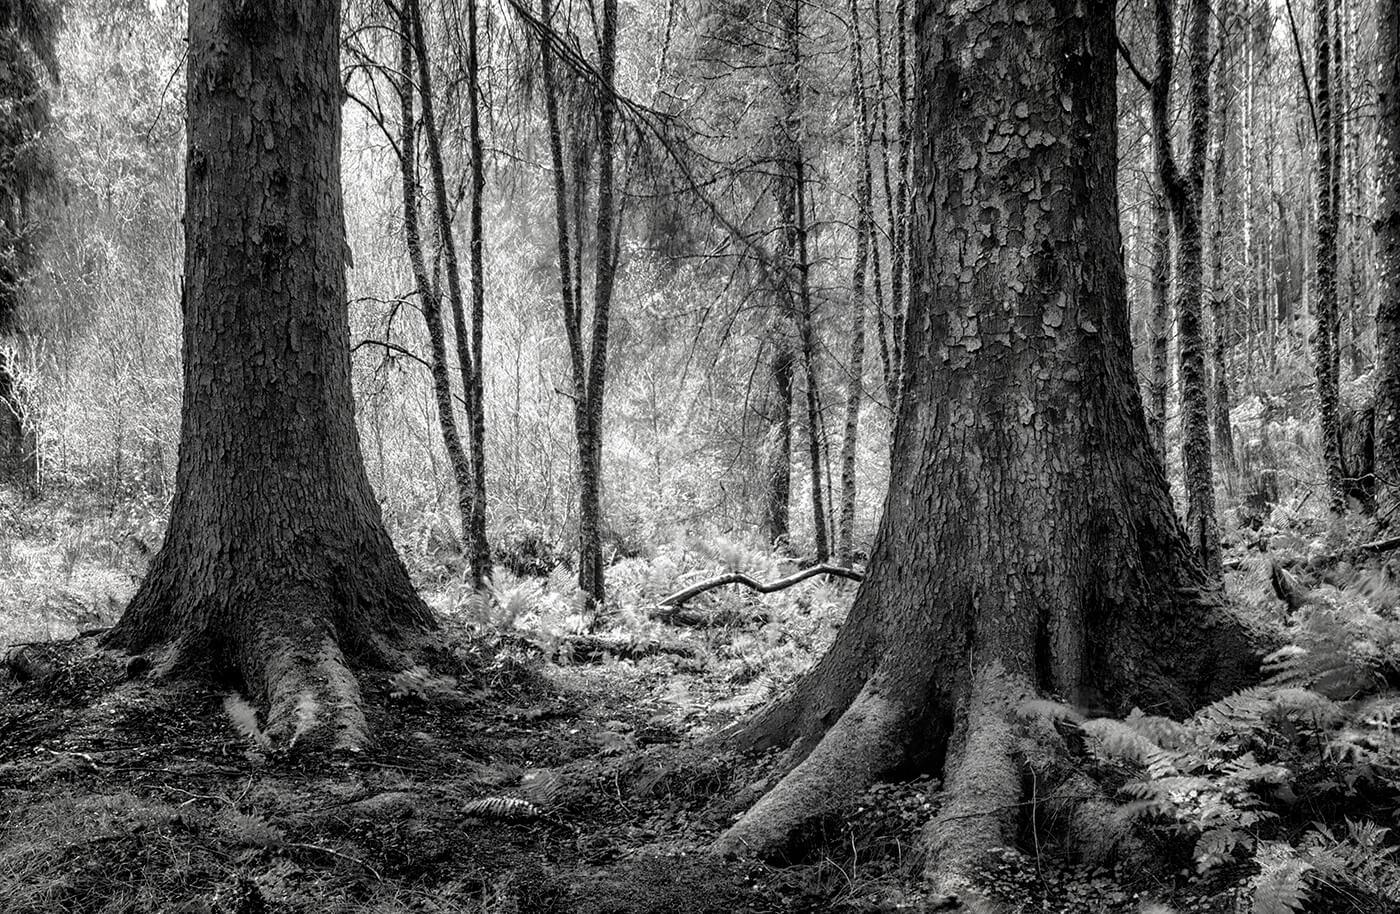 Barcaldine Forest, Argyll, Scotland